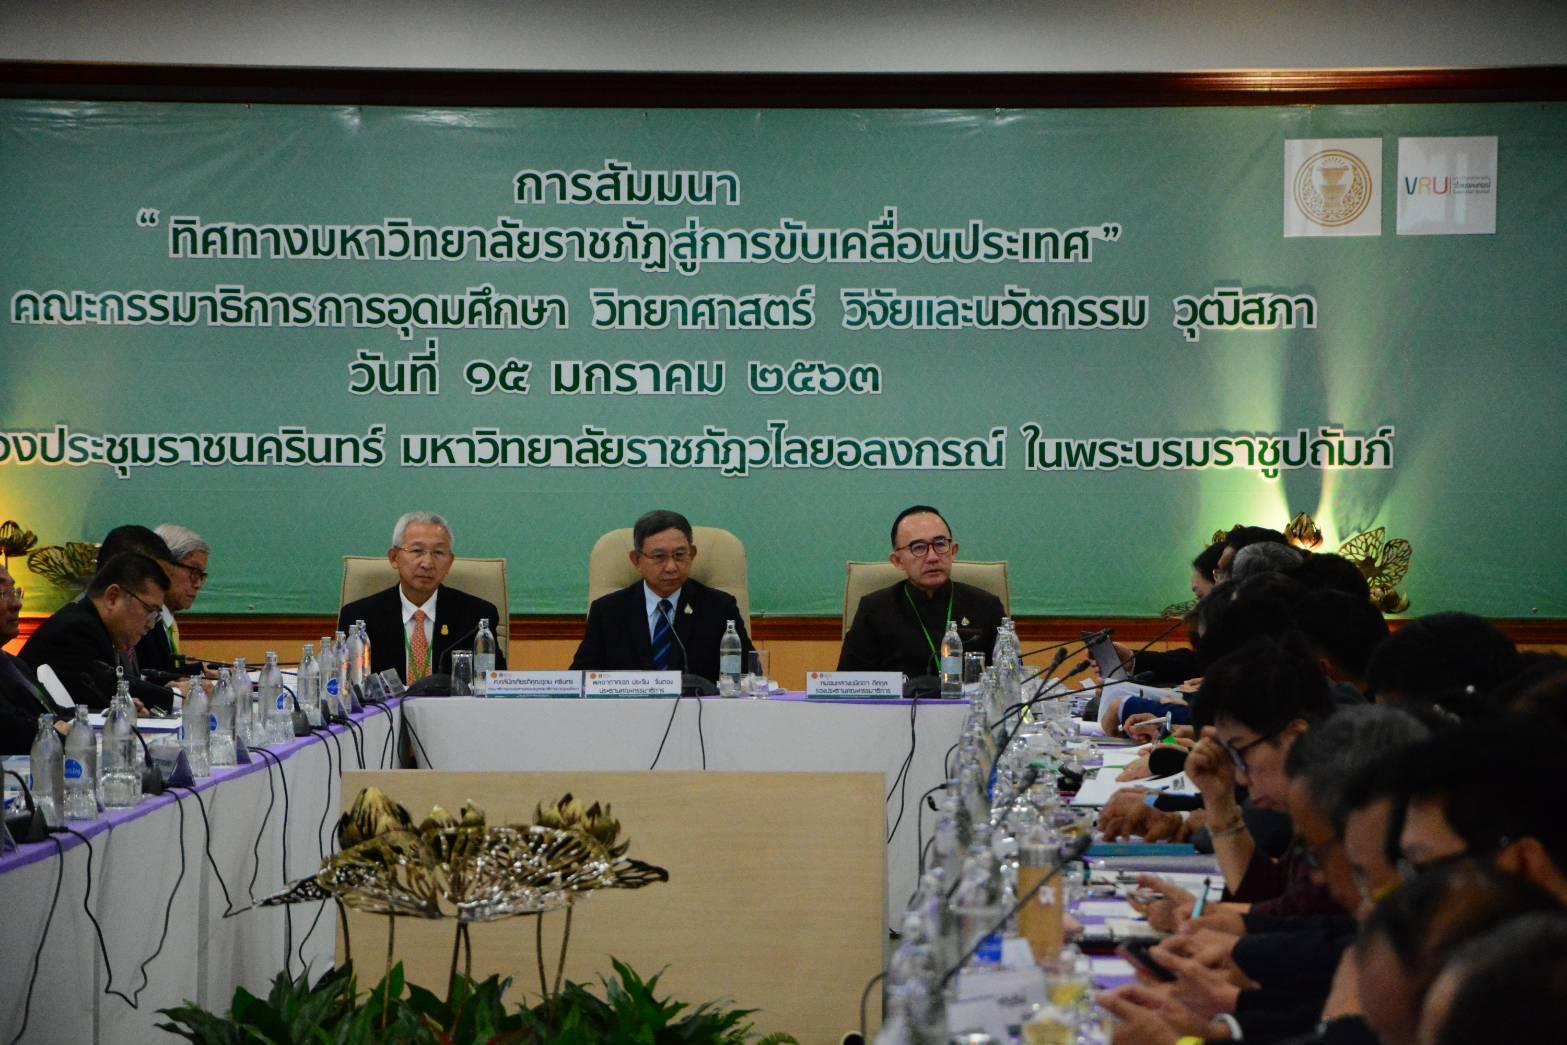 มรภ.วไลยอลงกรณ์ เปิดบ้านจัดประชุมอธิการบดีมหาวิทยาลัยราชภัฏทั่วประเทศ thaihealth